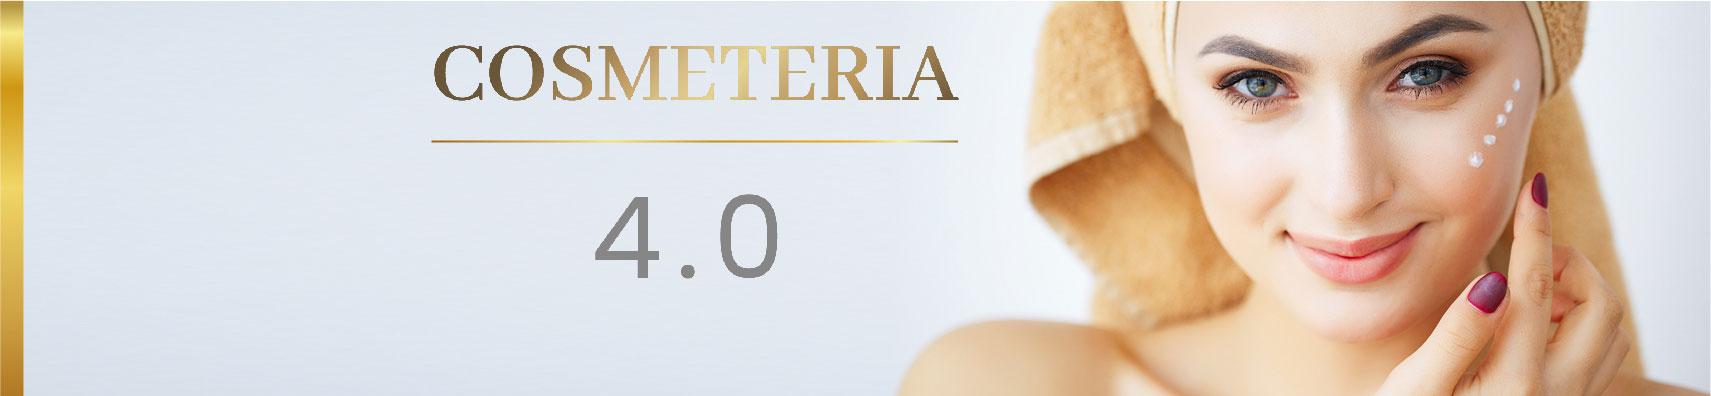 Cosmeteria 40